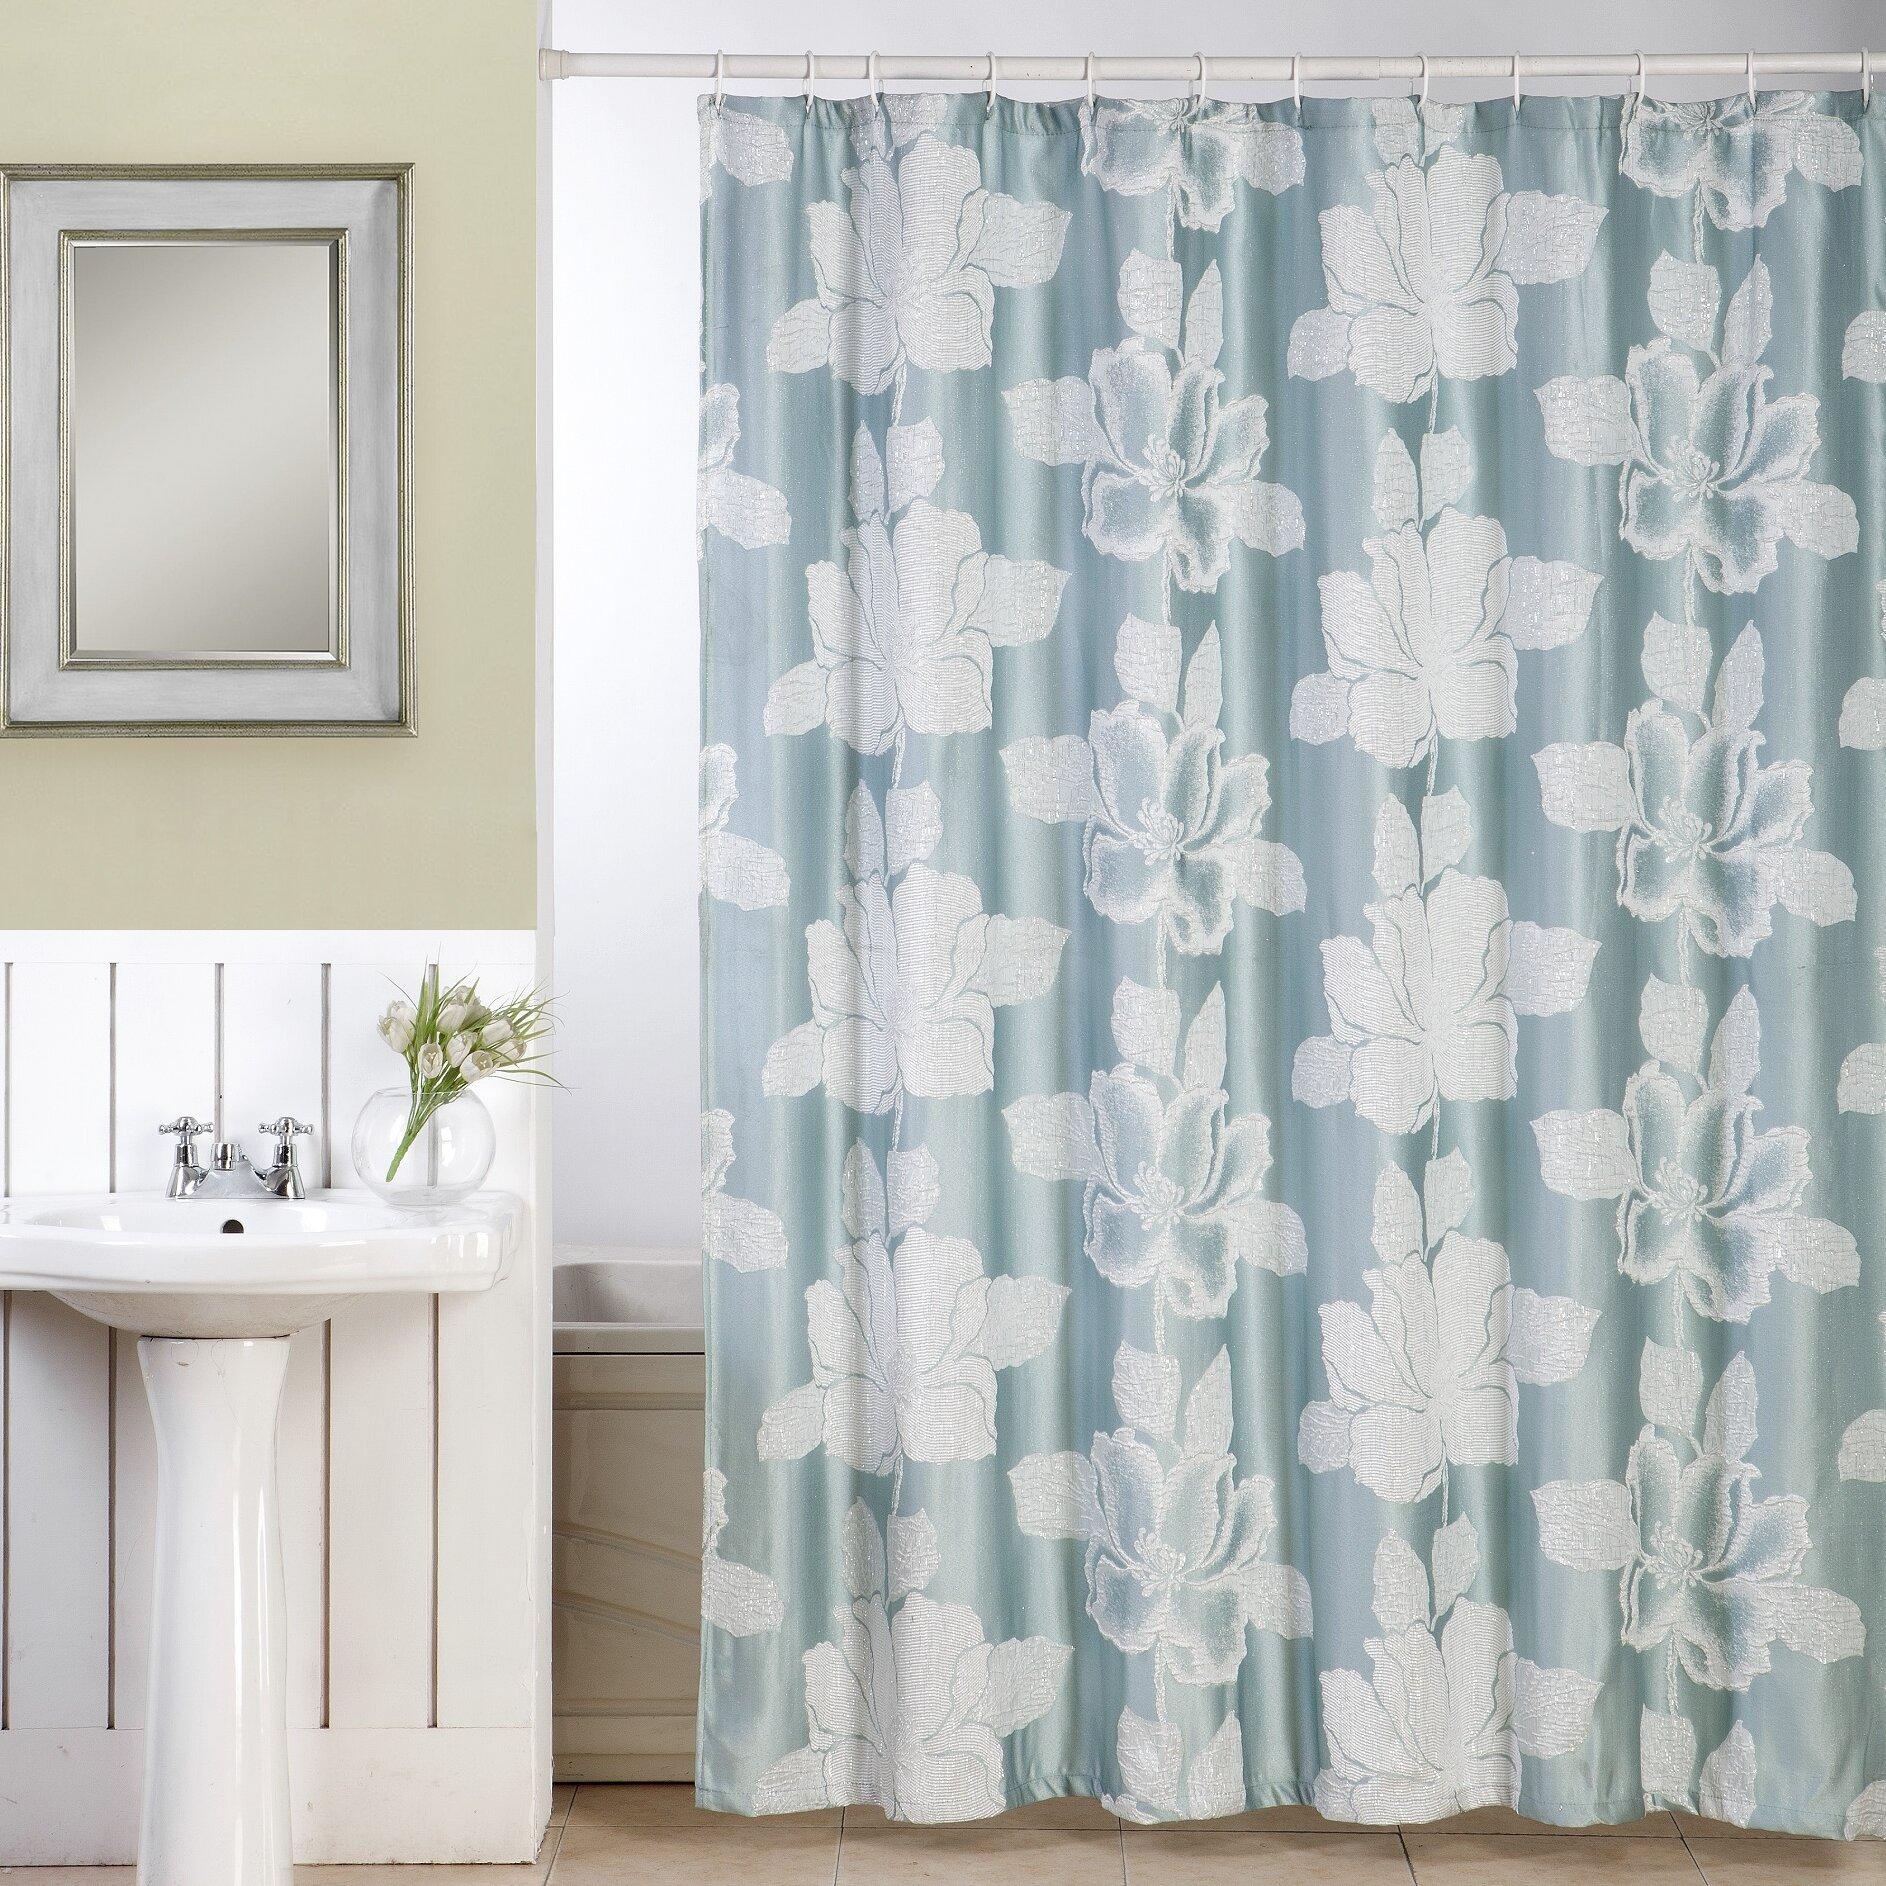 Ellen Tracy Slipcovers Shower Curtain & Reviews | Wayfair